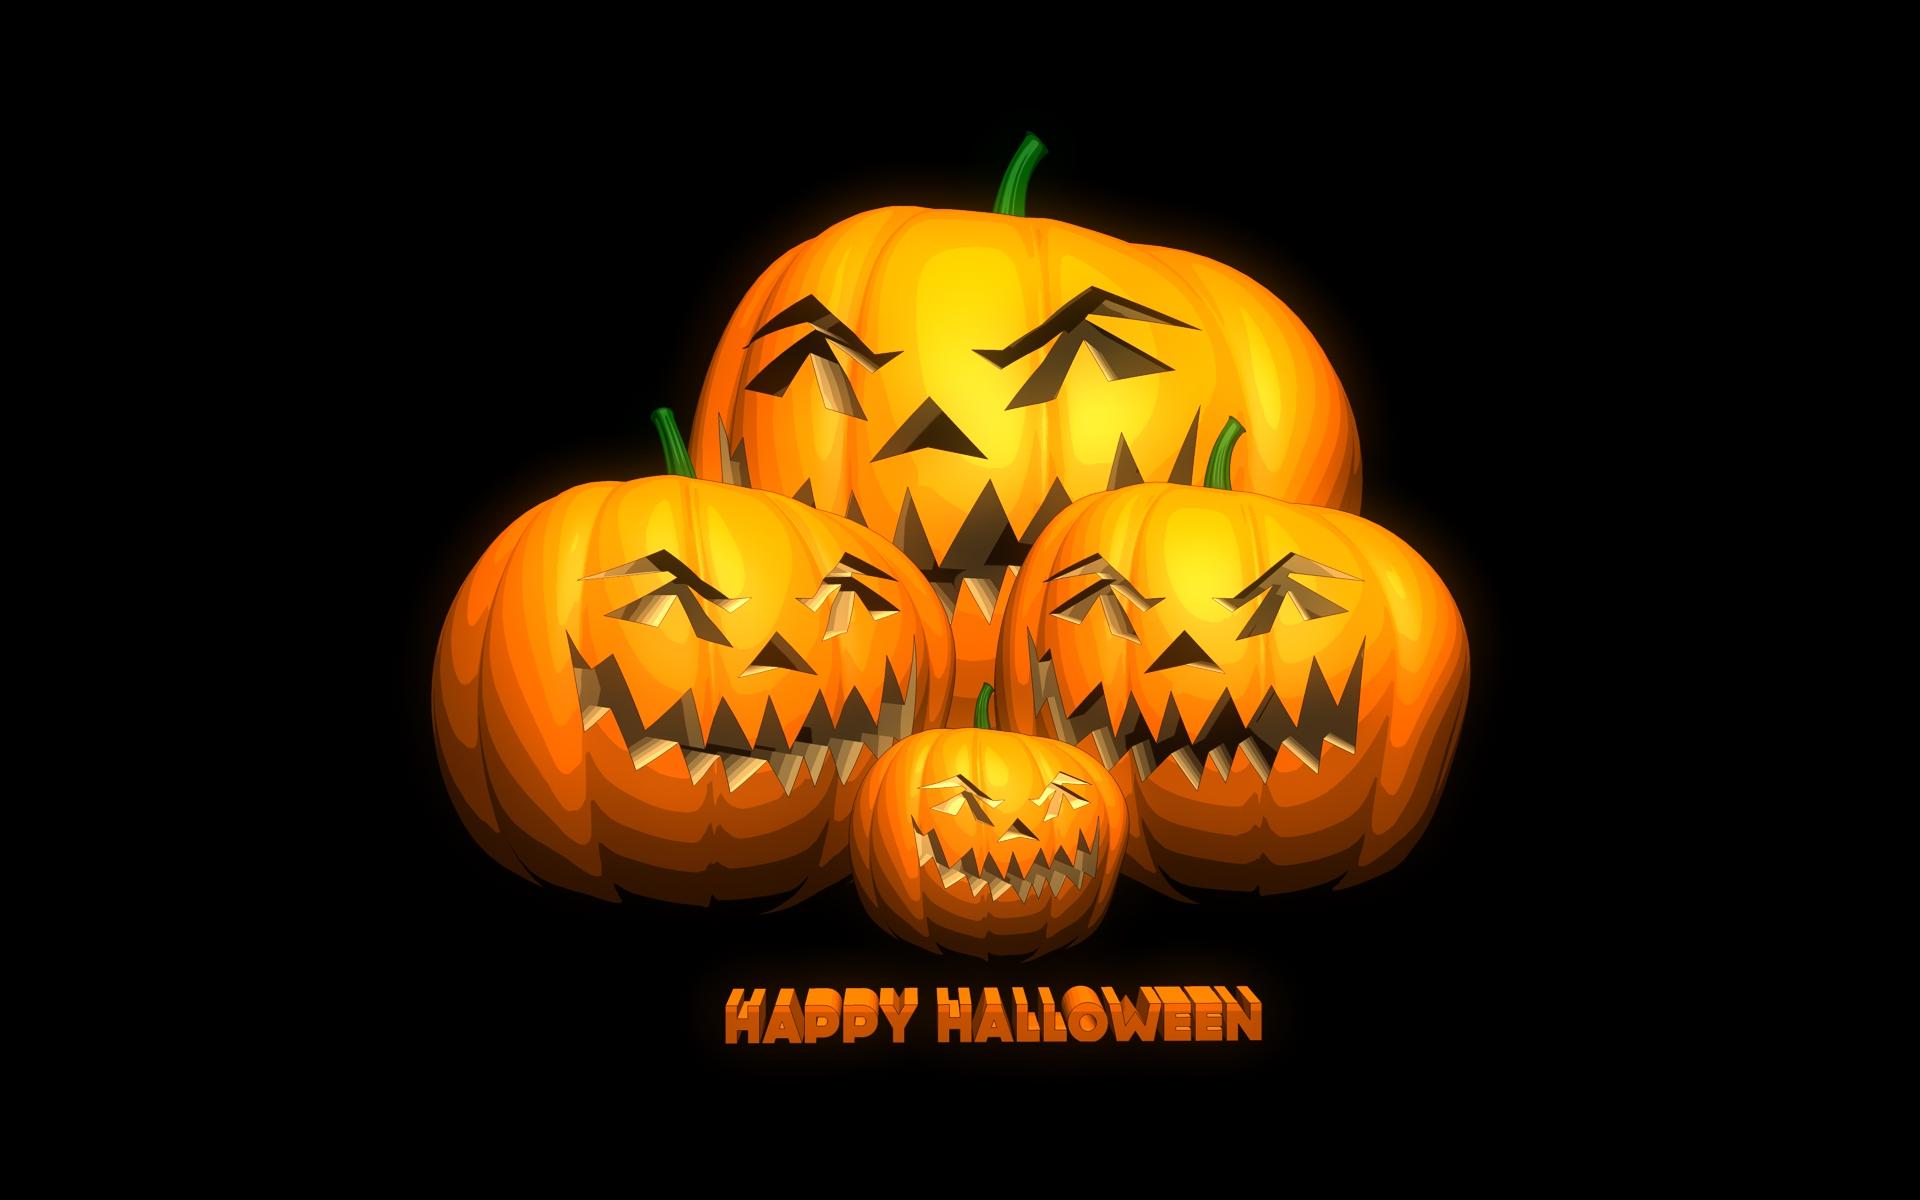 Vacances - Halloween  Vacances Jack-o'-lantern Happy Halloween Fond d'écran